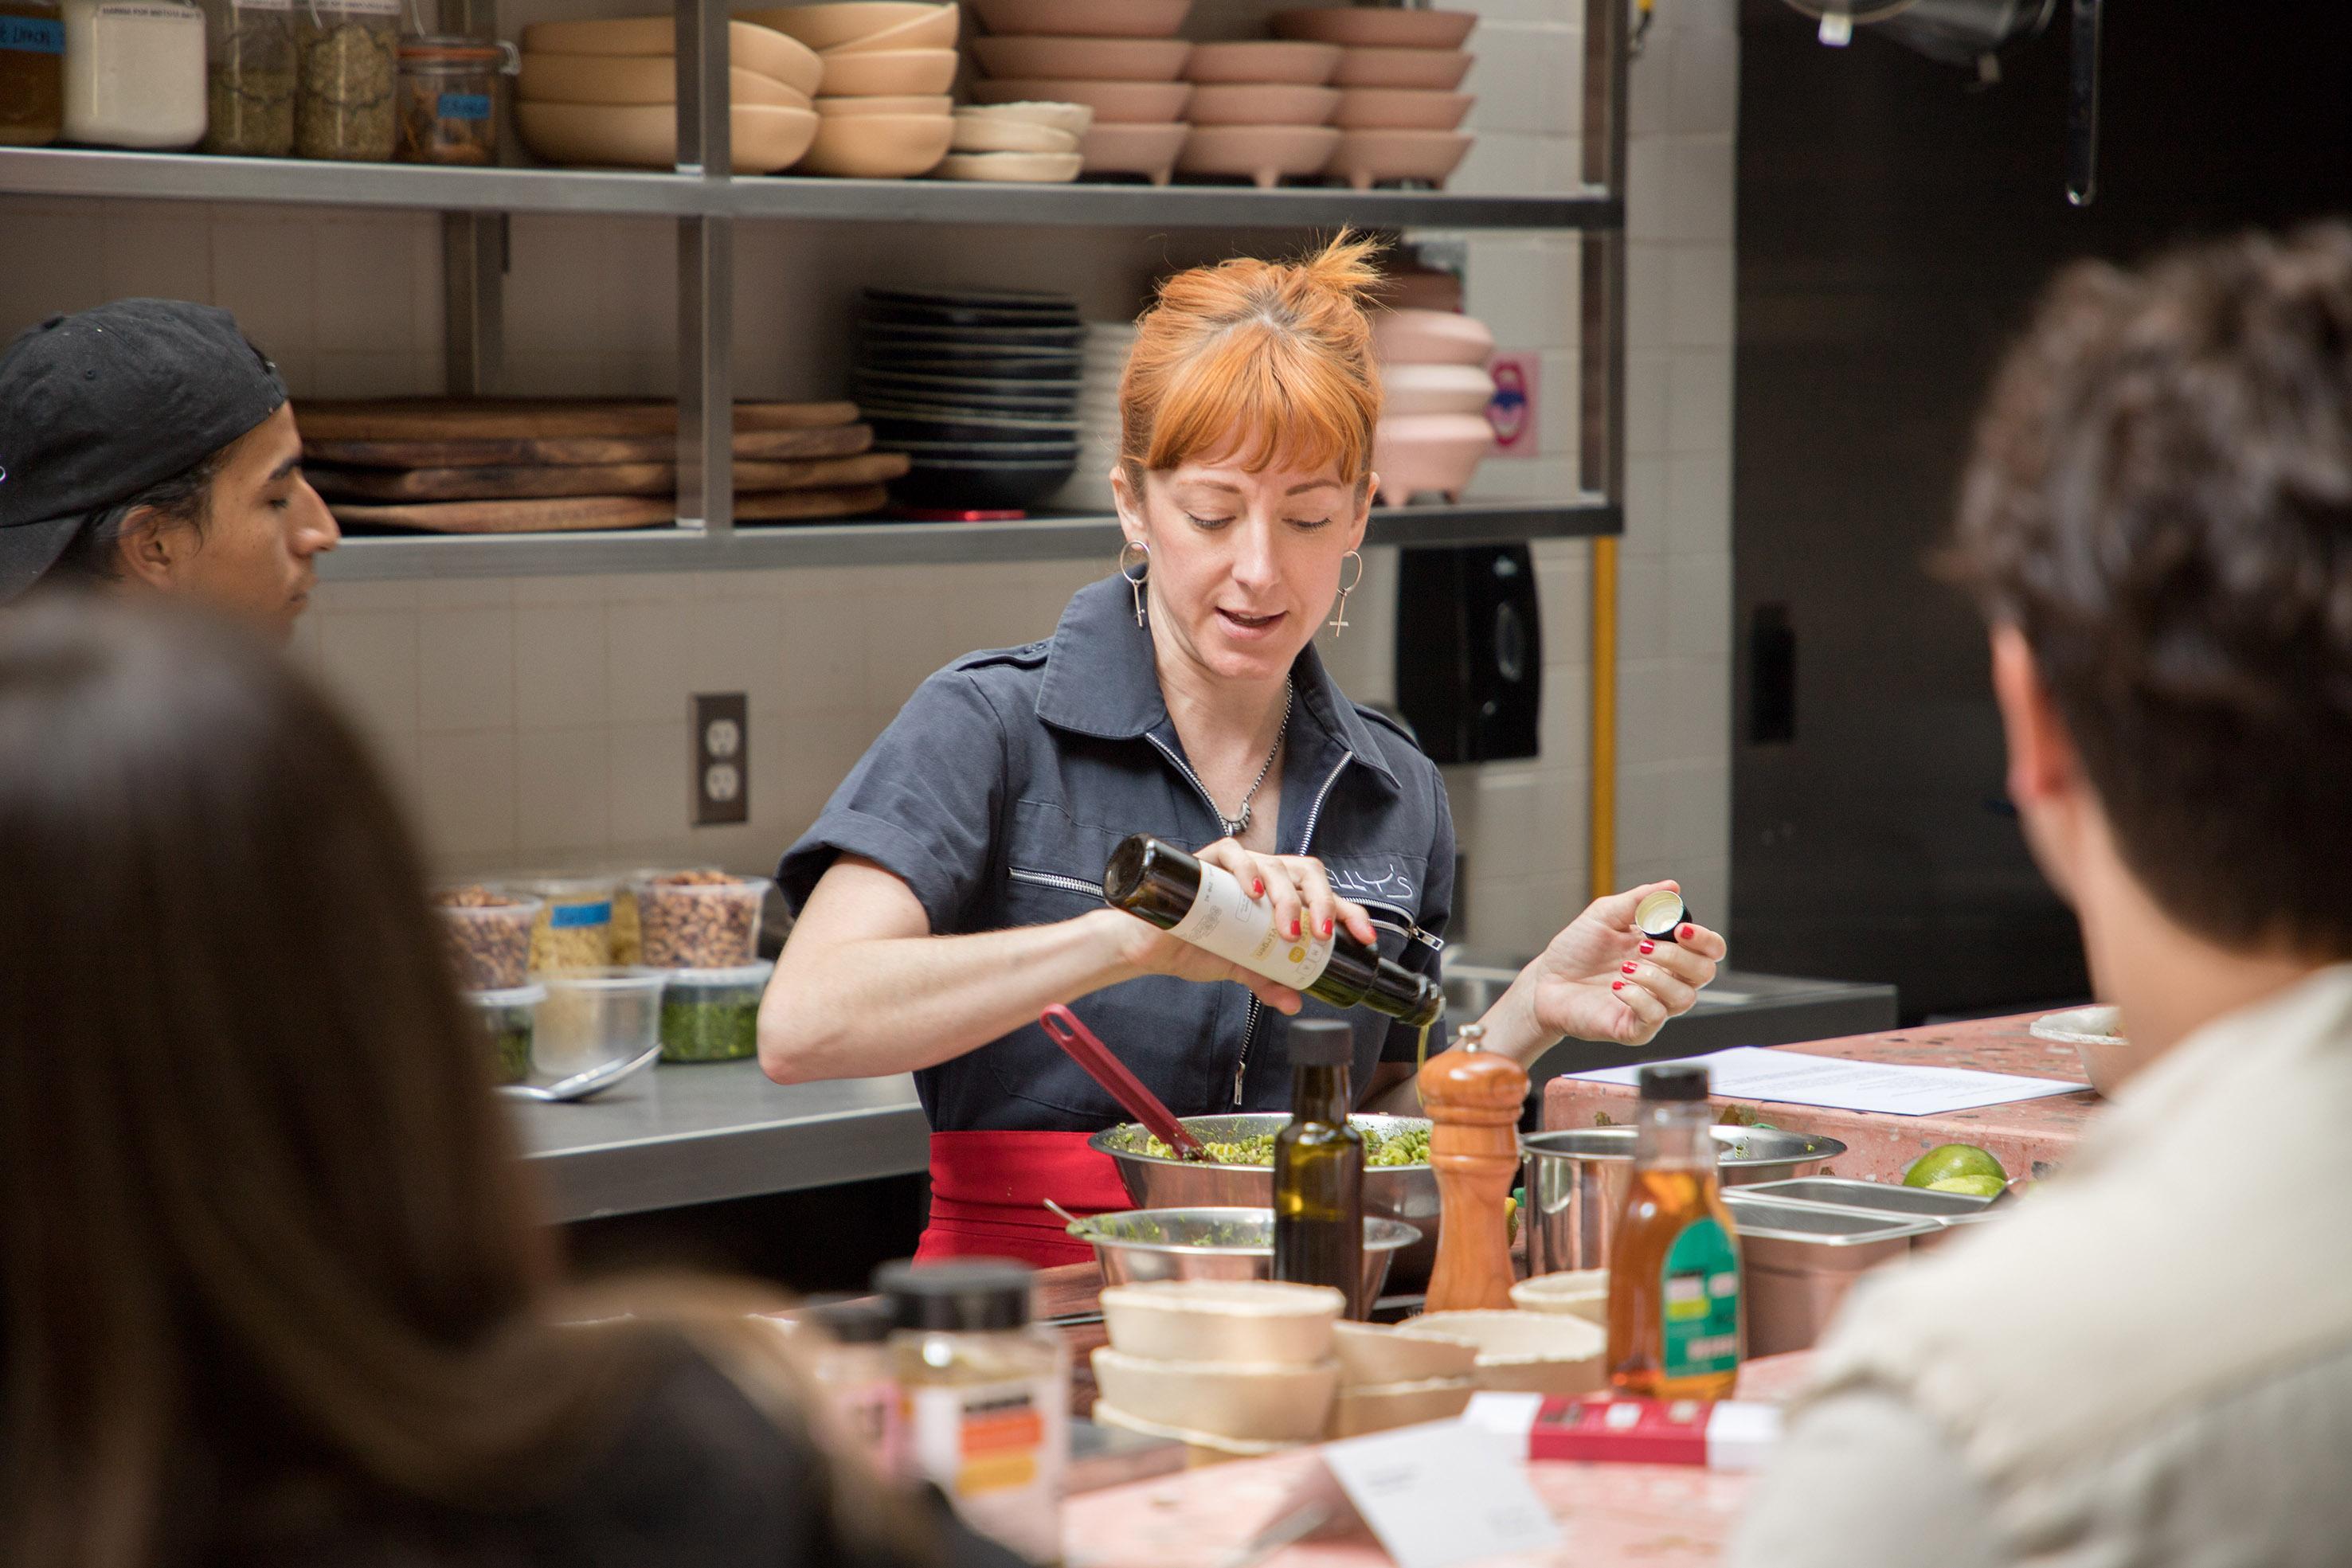 Colaboración en Elly's con la chef Elizabeth Fraser